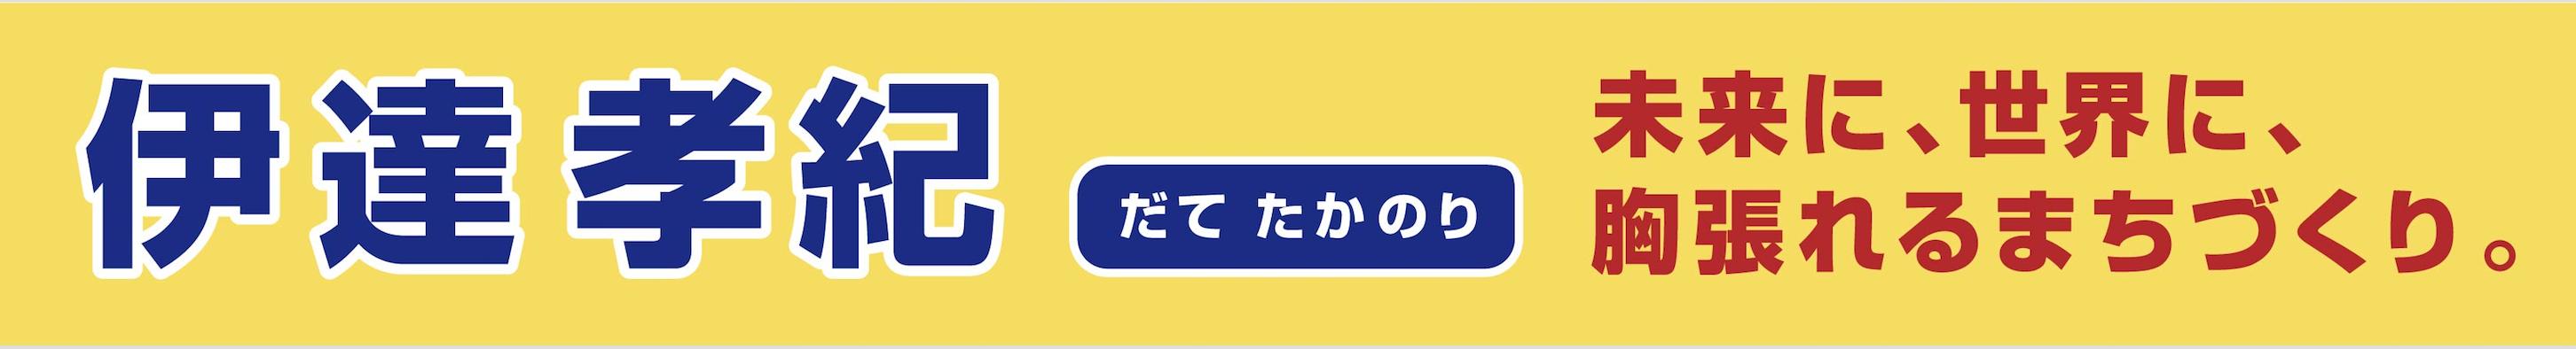 伊達孝紀(だて たかのり)